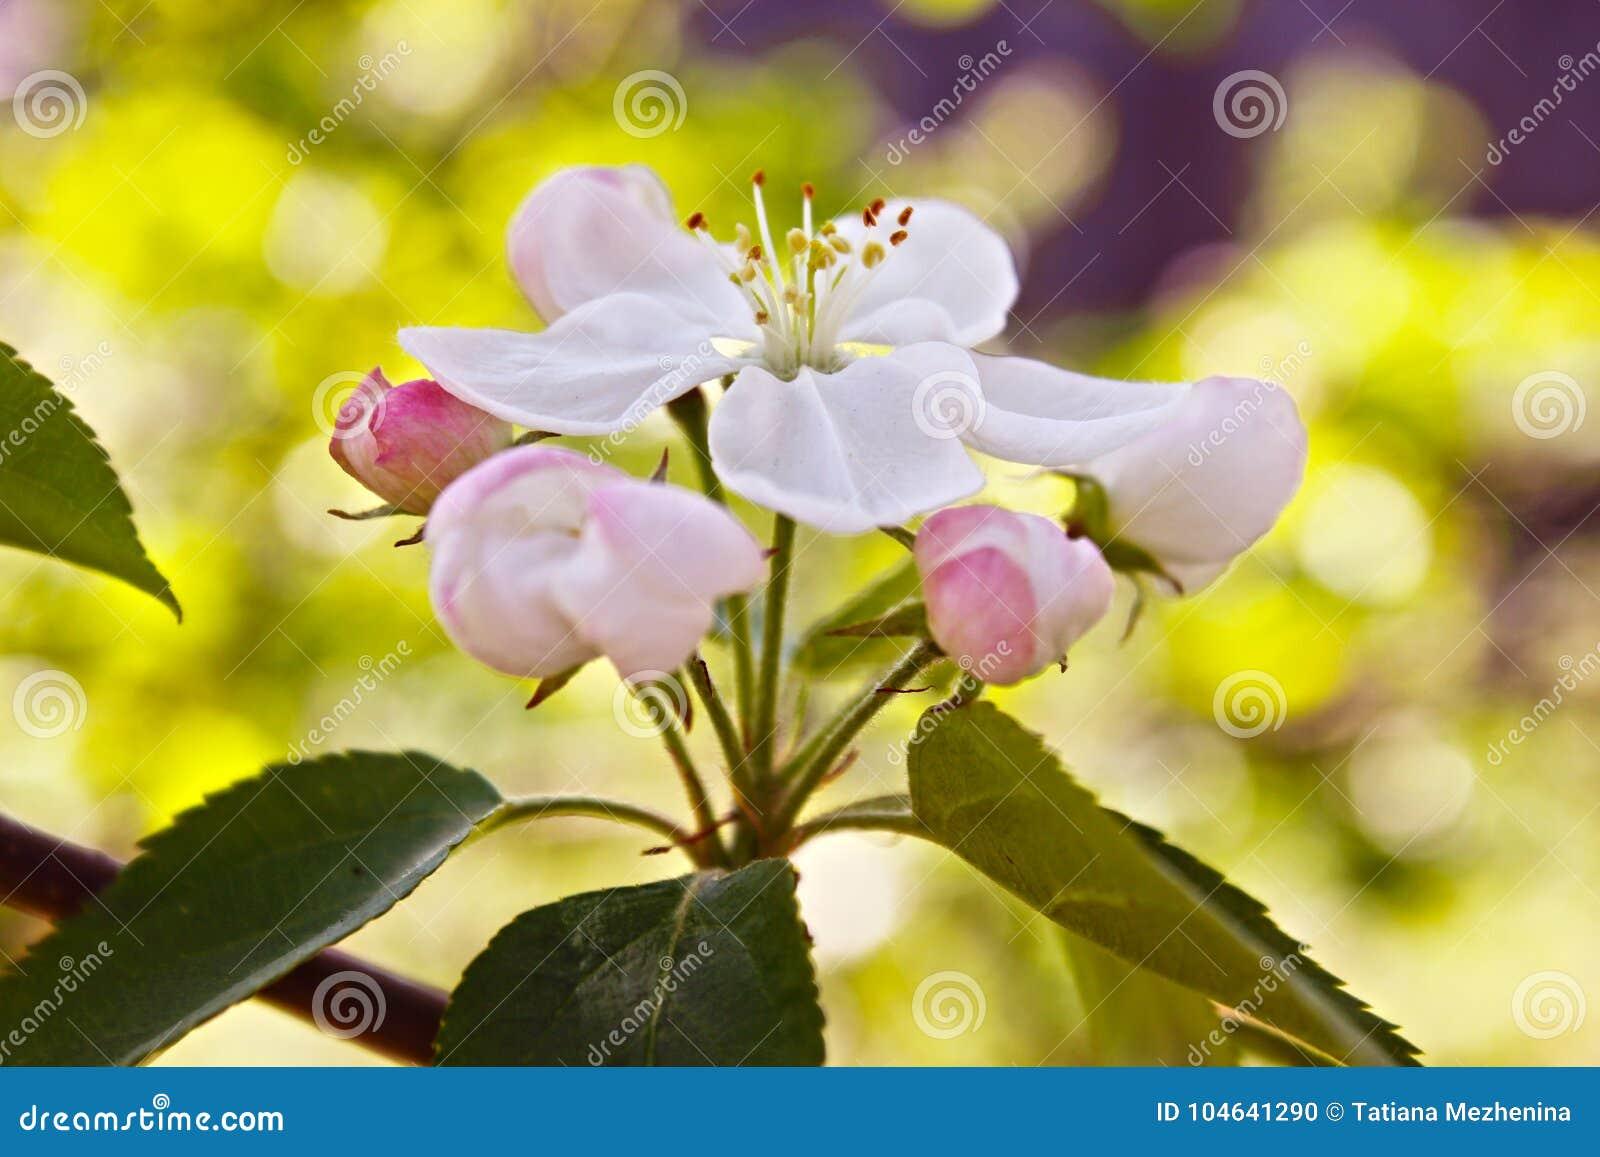 Download Siberische De Bomen Witte Bloem En Bladeren Van De Krabappel Stock Foto - Afbeelding bestaande uit decoratie, blooming: 104641290